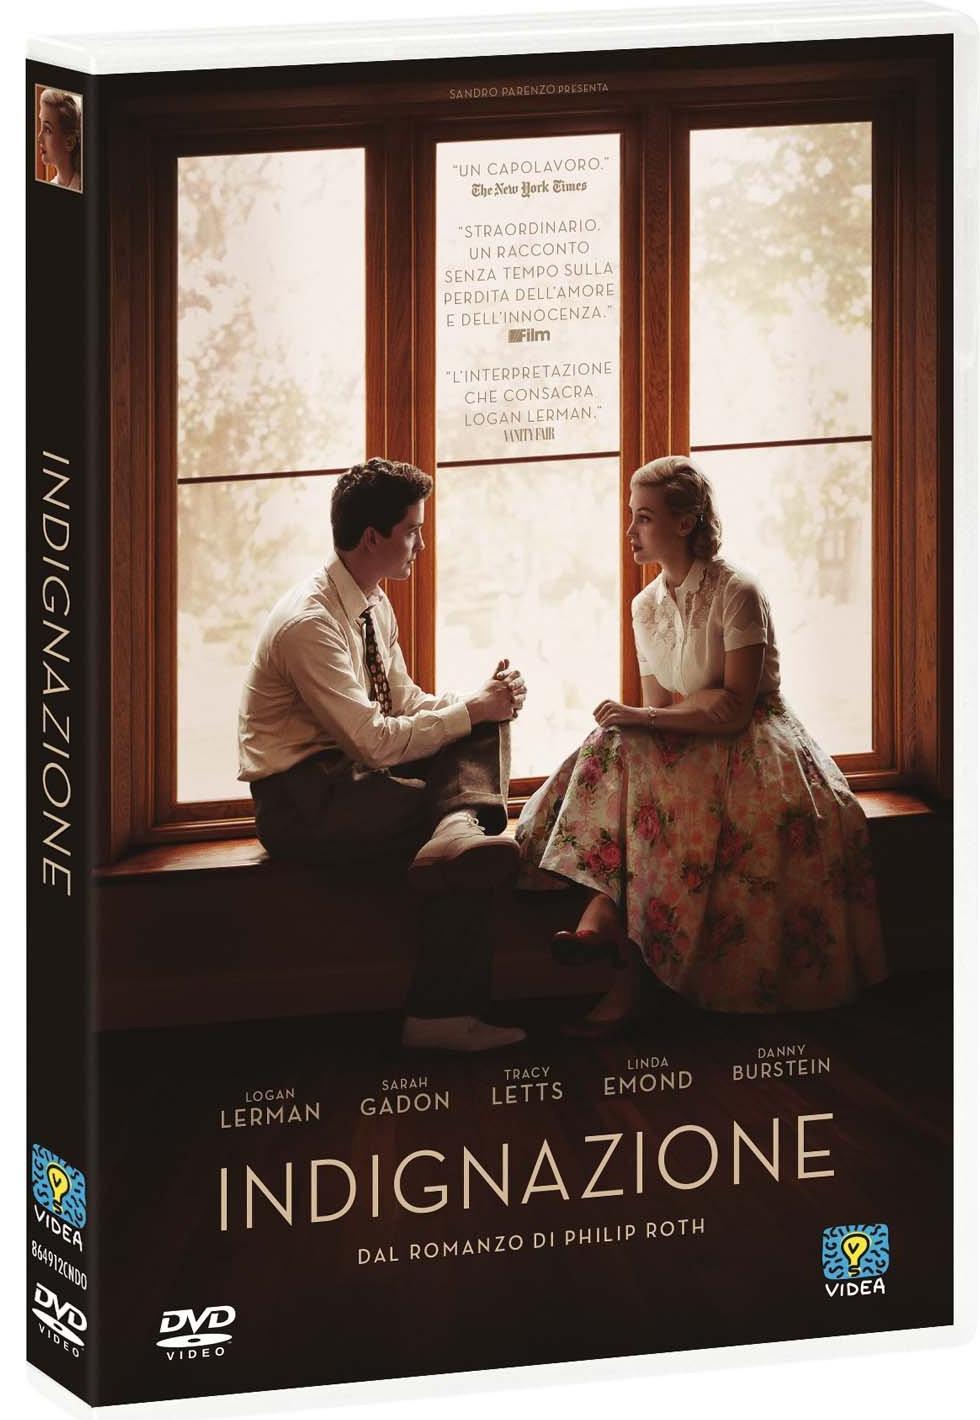 Il DVD di Indignazione